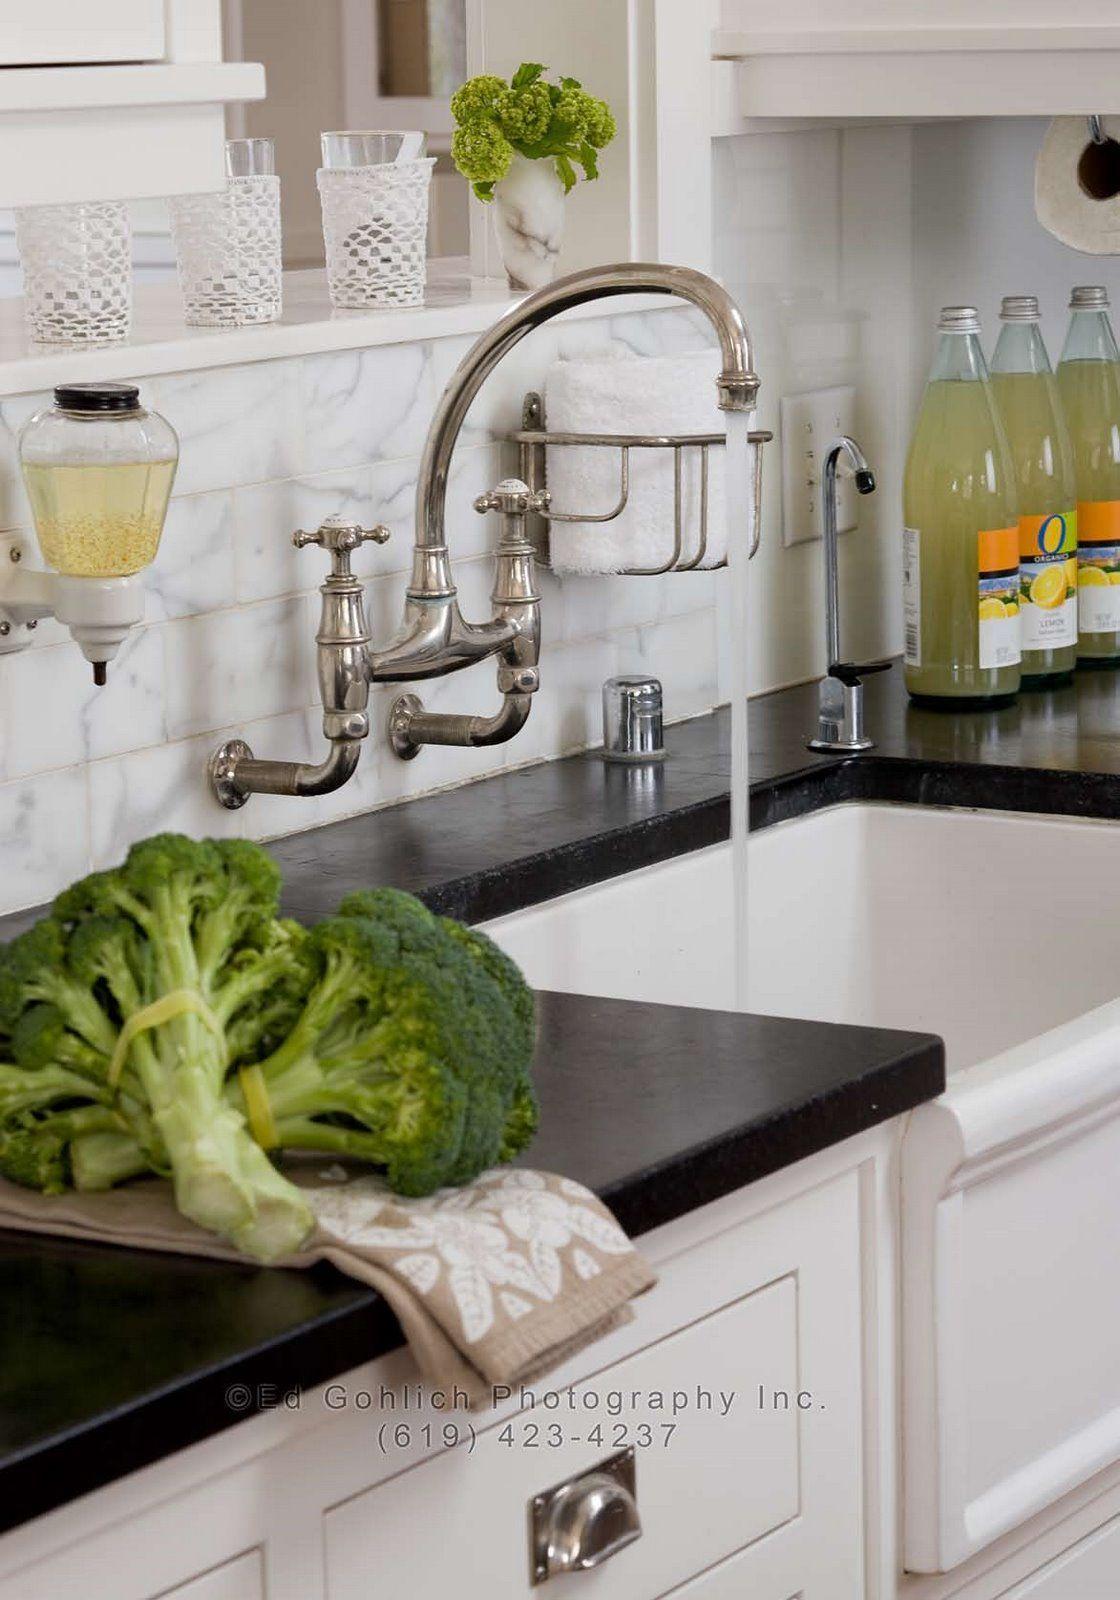 kitchen sink faucet in 2021 best